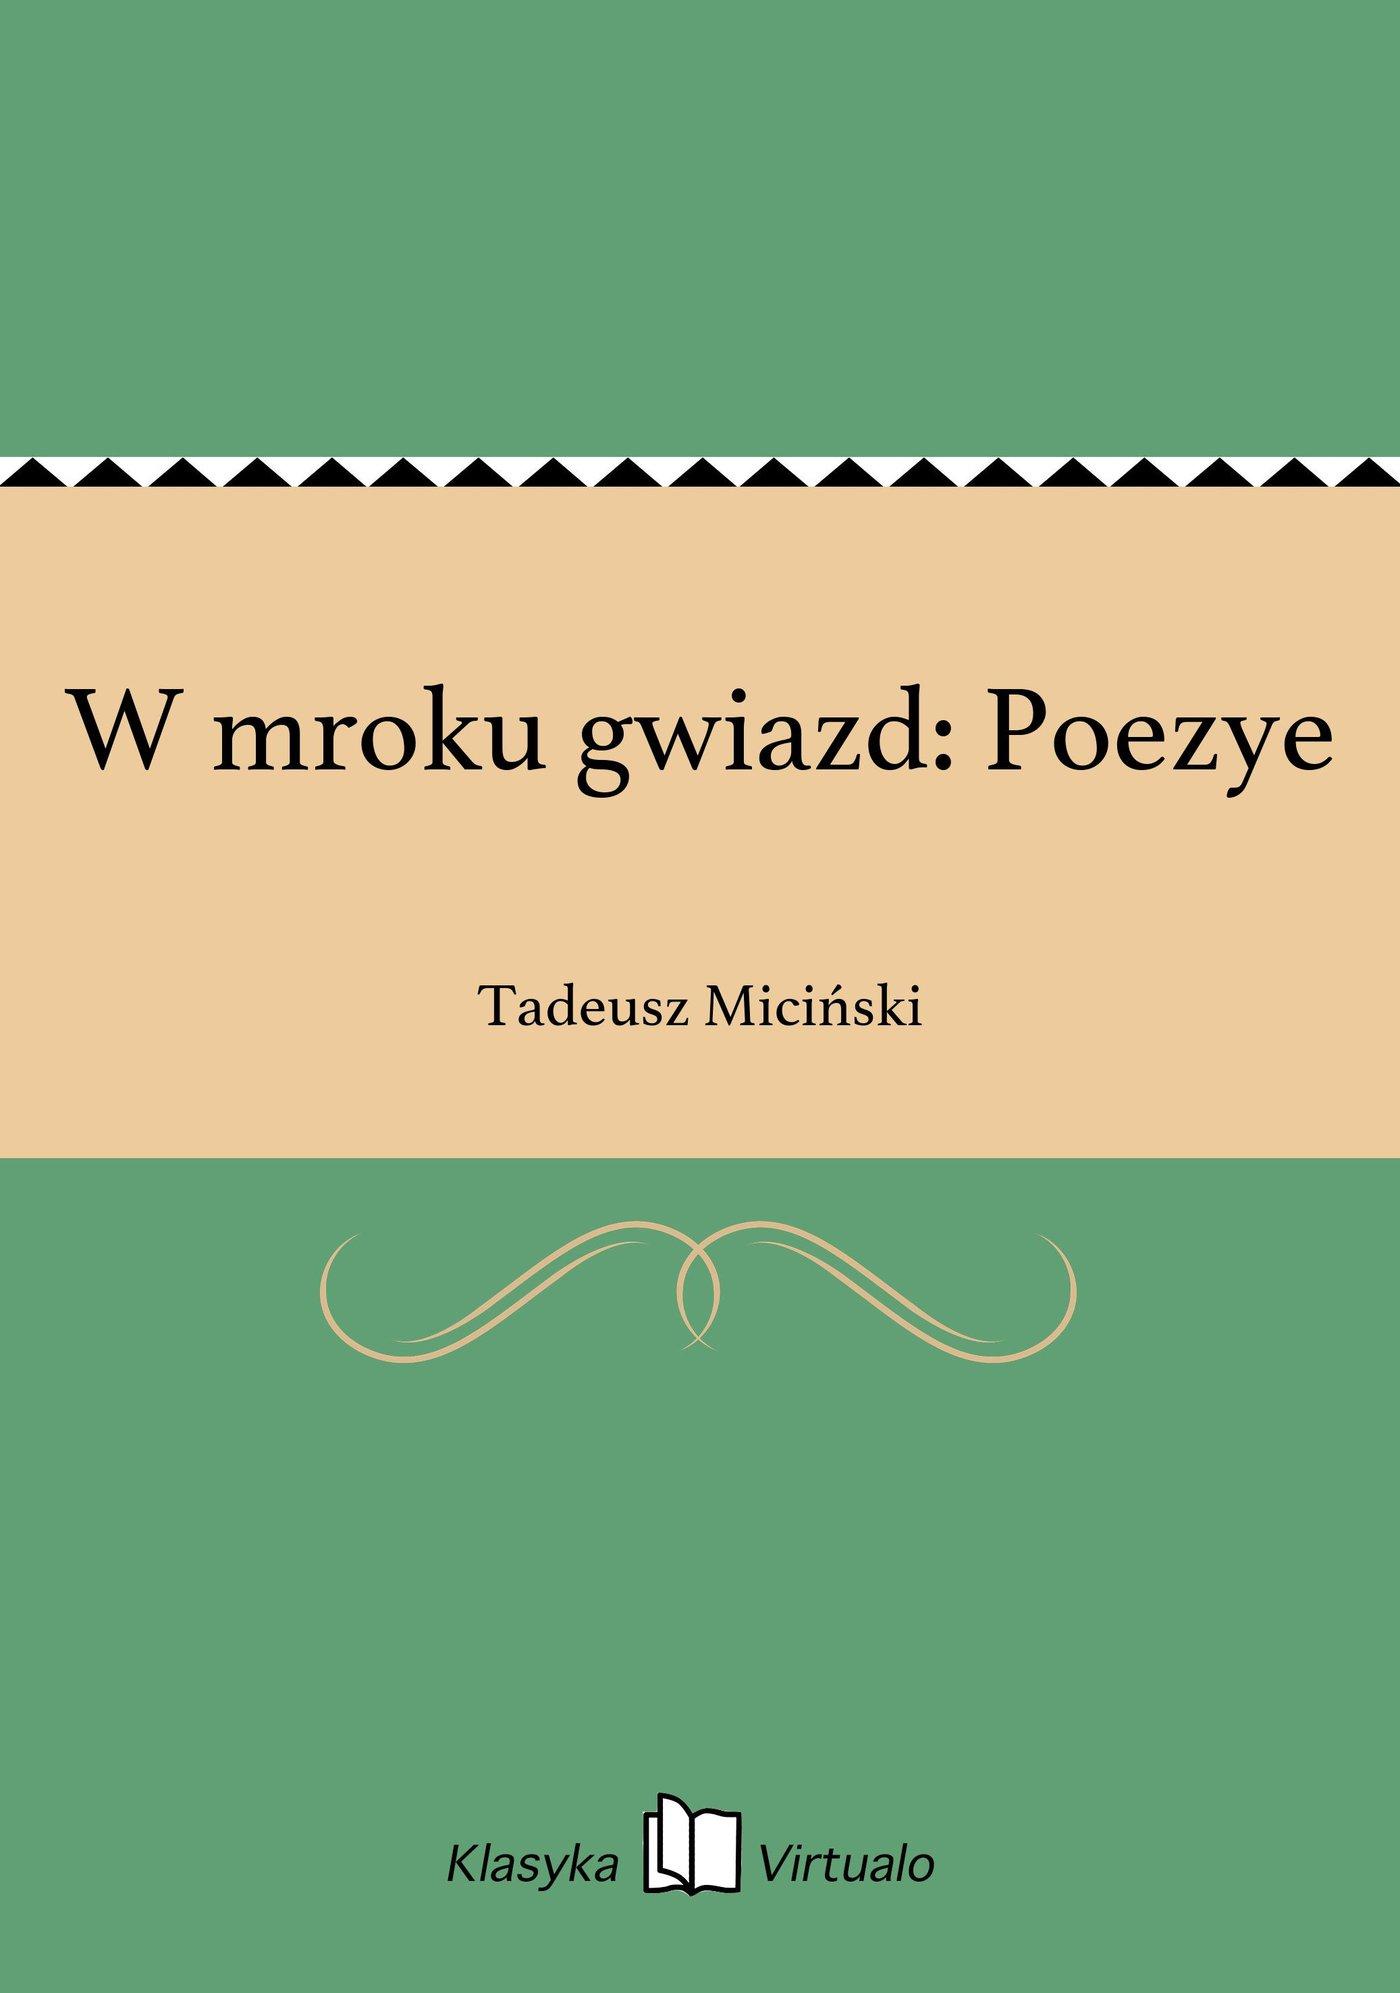 W mroku gwiazd: Poezye - Ebook (Książka EPUB) do pobrania w formacie EPUB